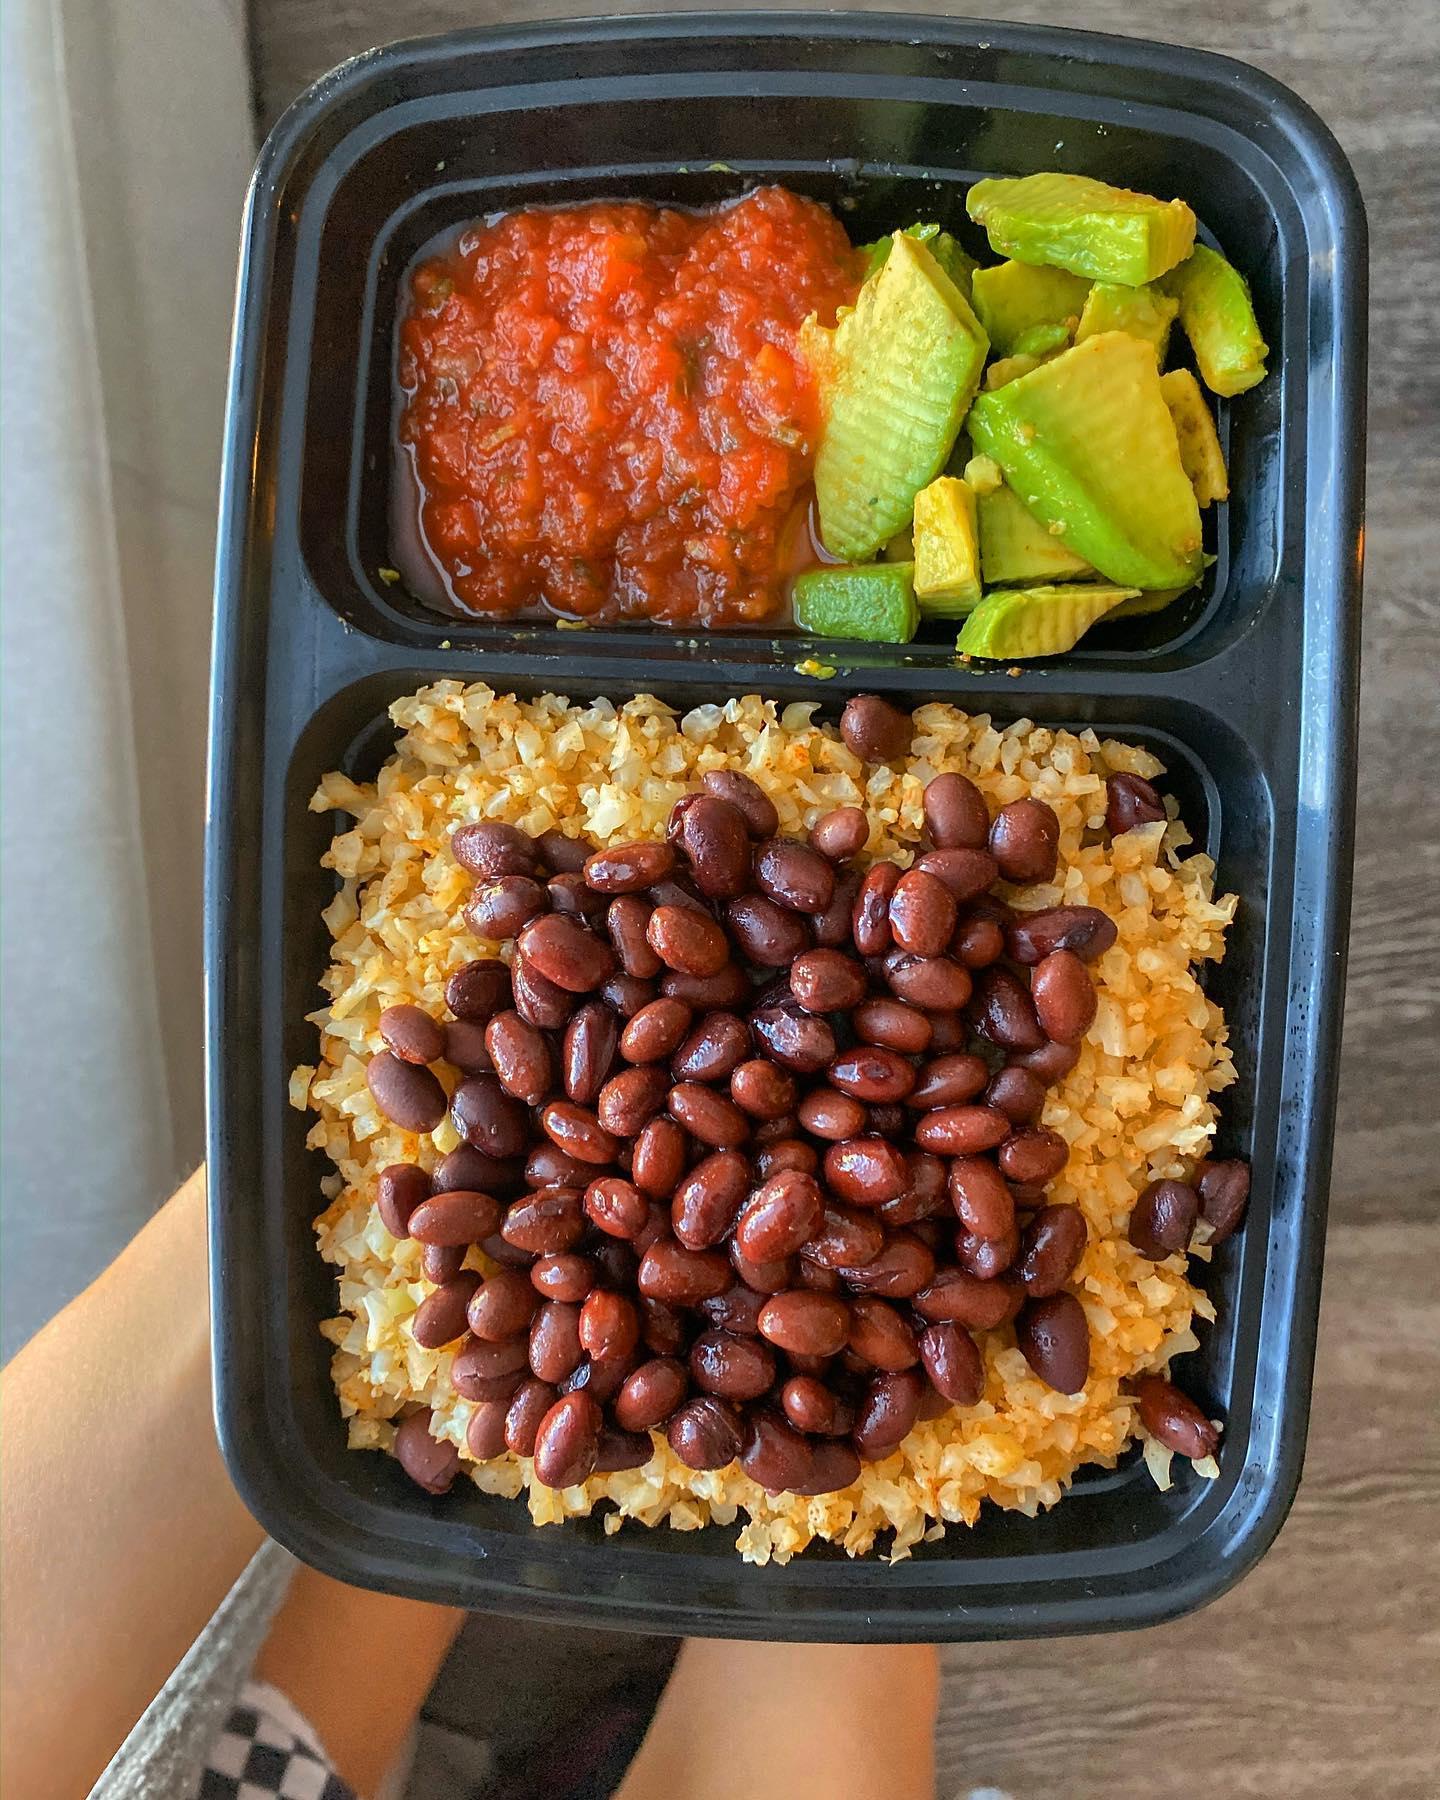 Keto Inspired + Vegan Meal Prep Idea